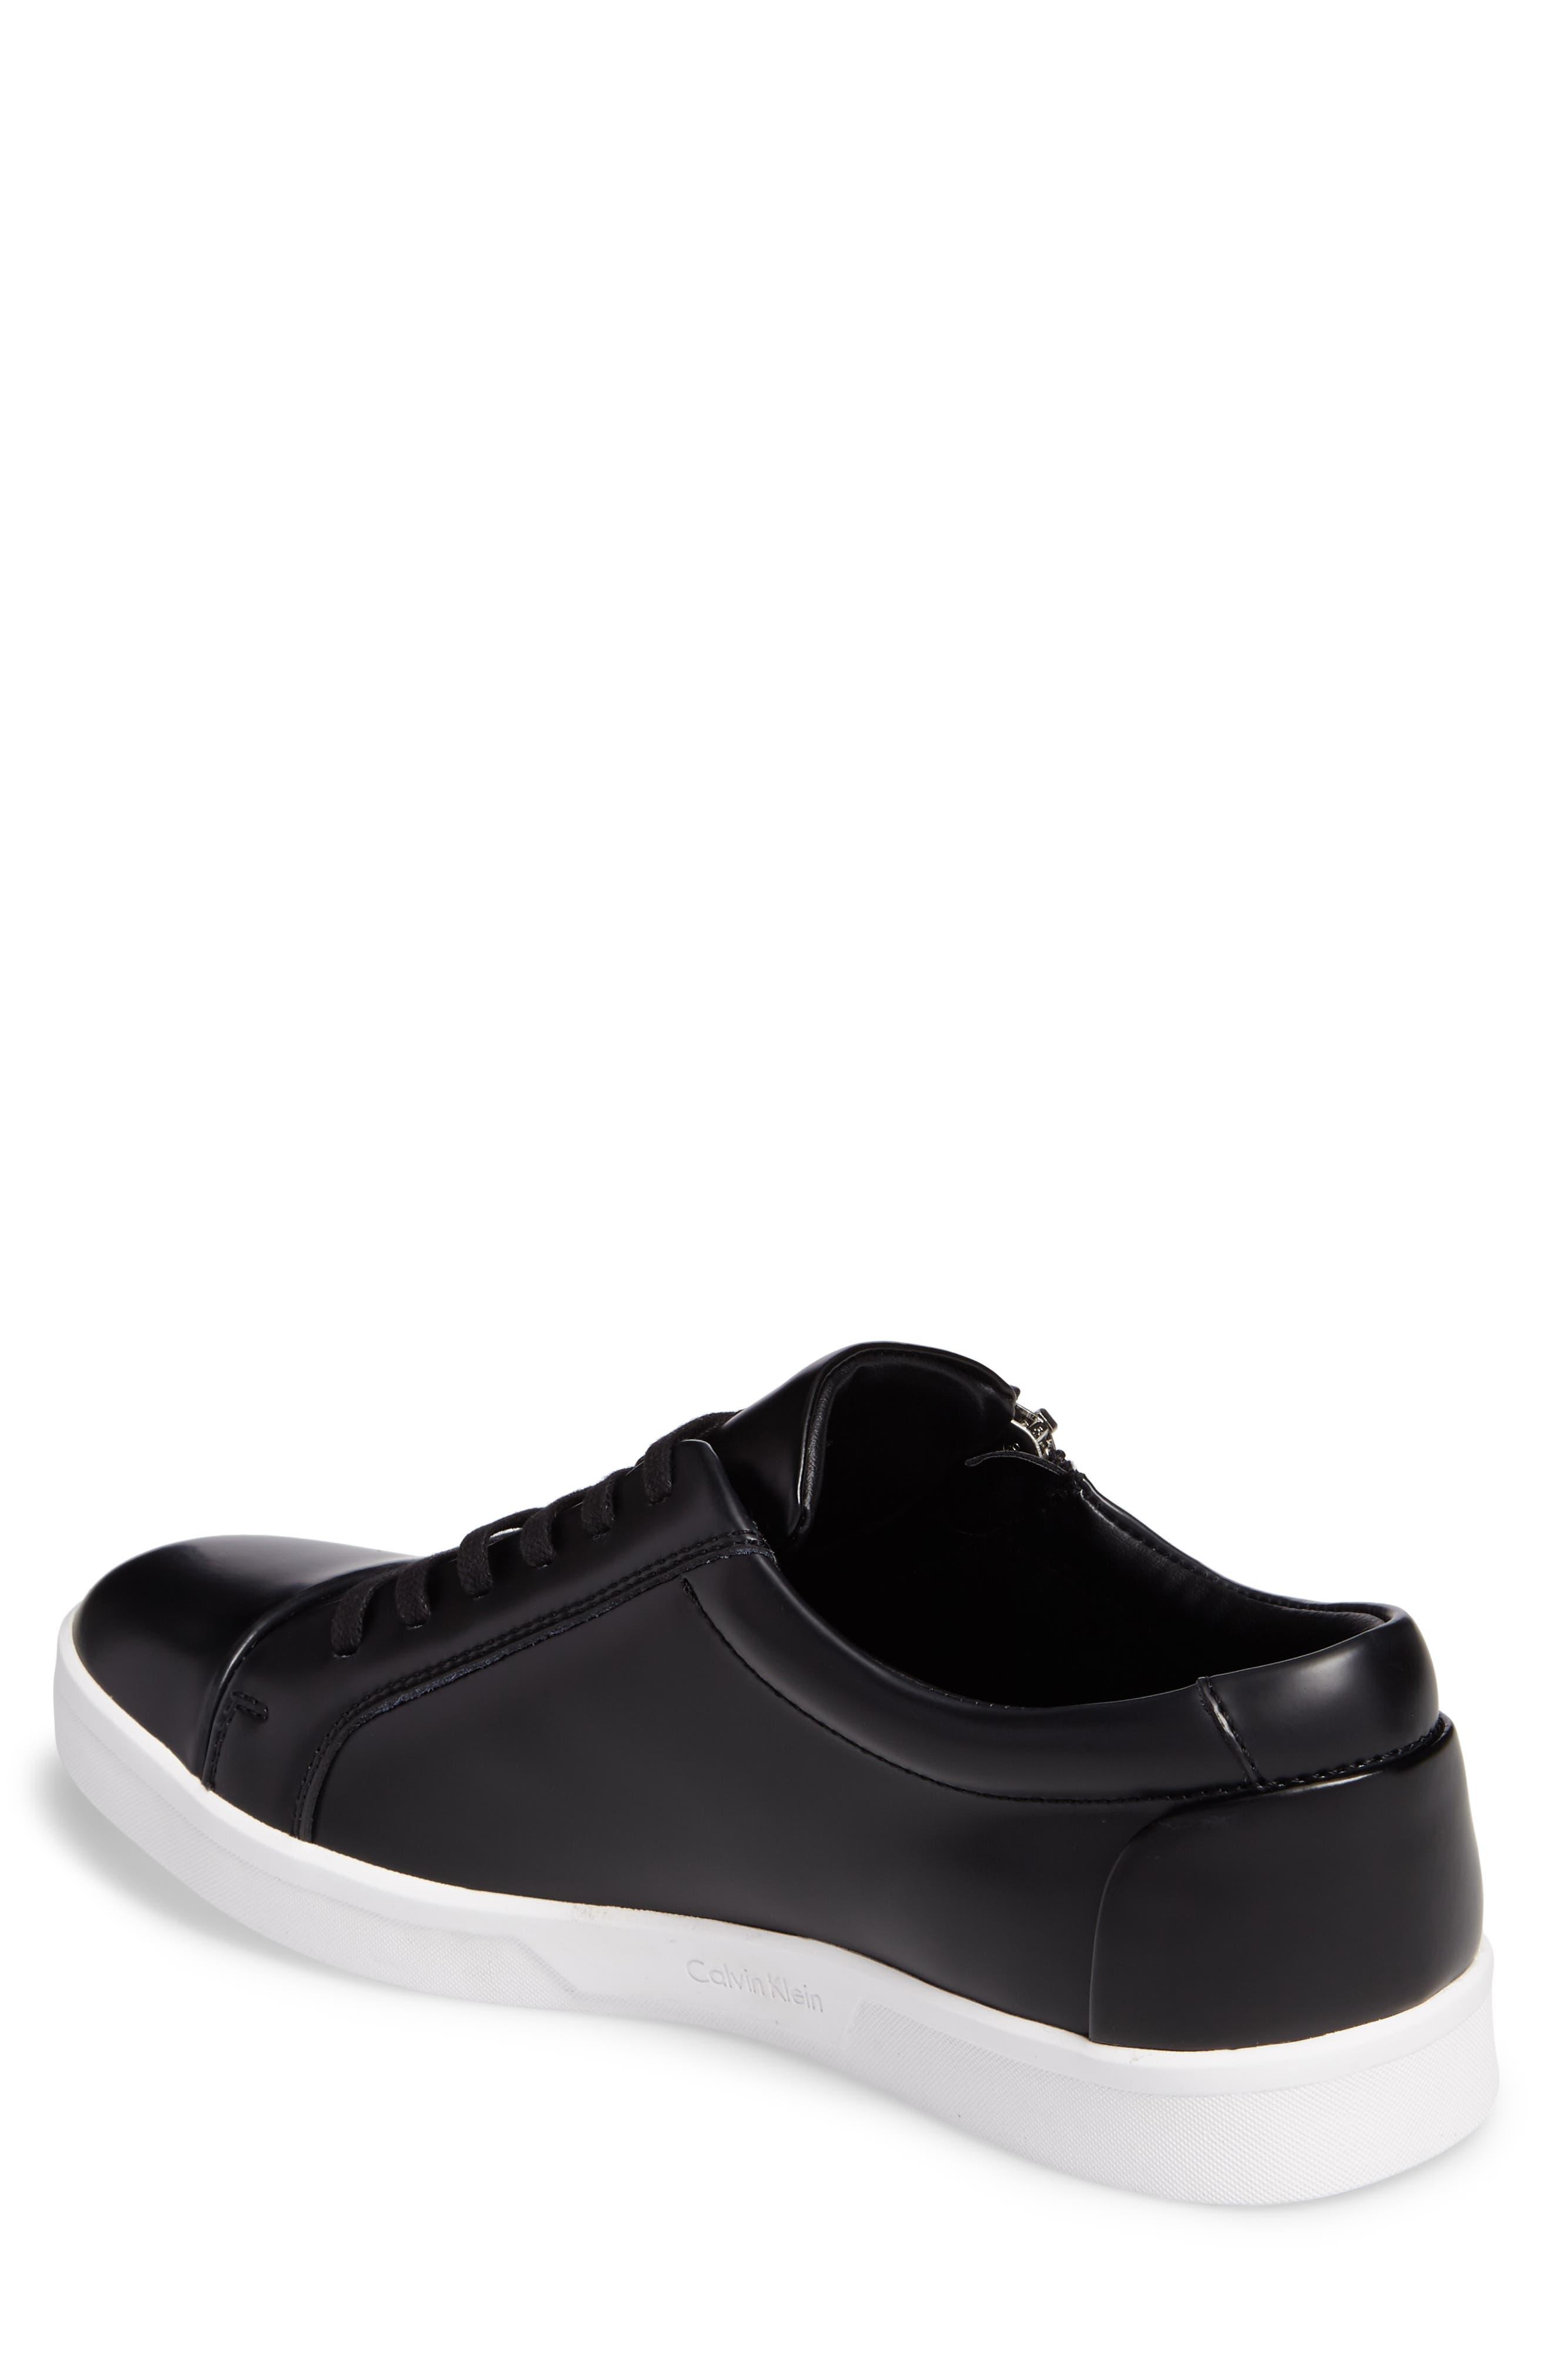 Ibrahim Cap-Toe Zip Sneaker,                             Alternate thumbnail 2, color,                             001